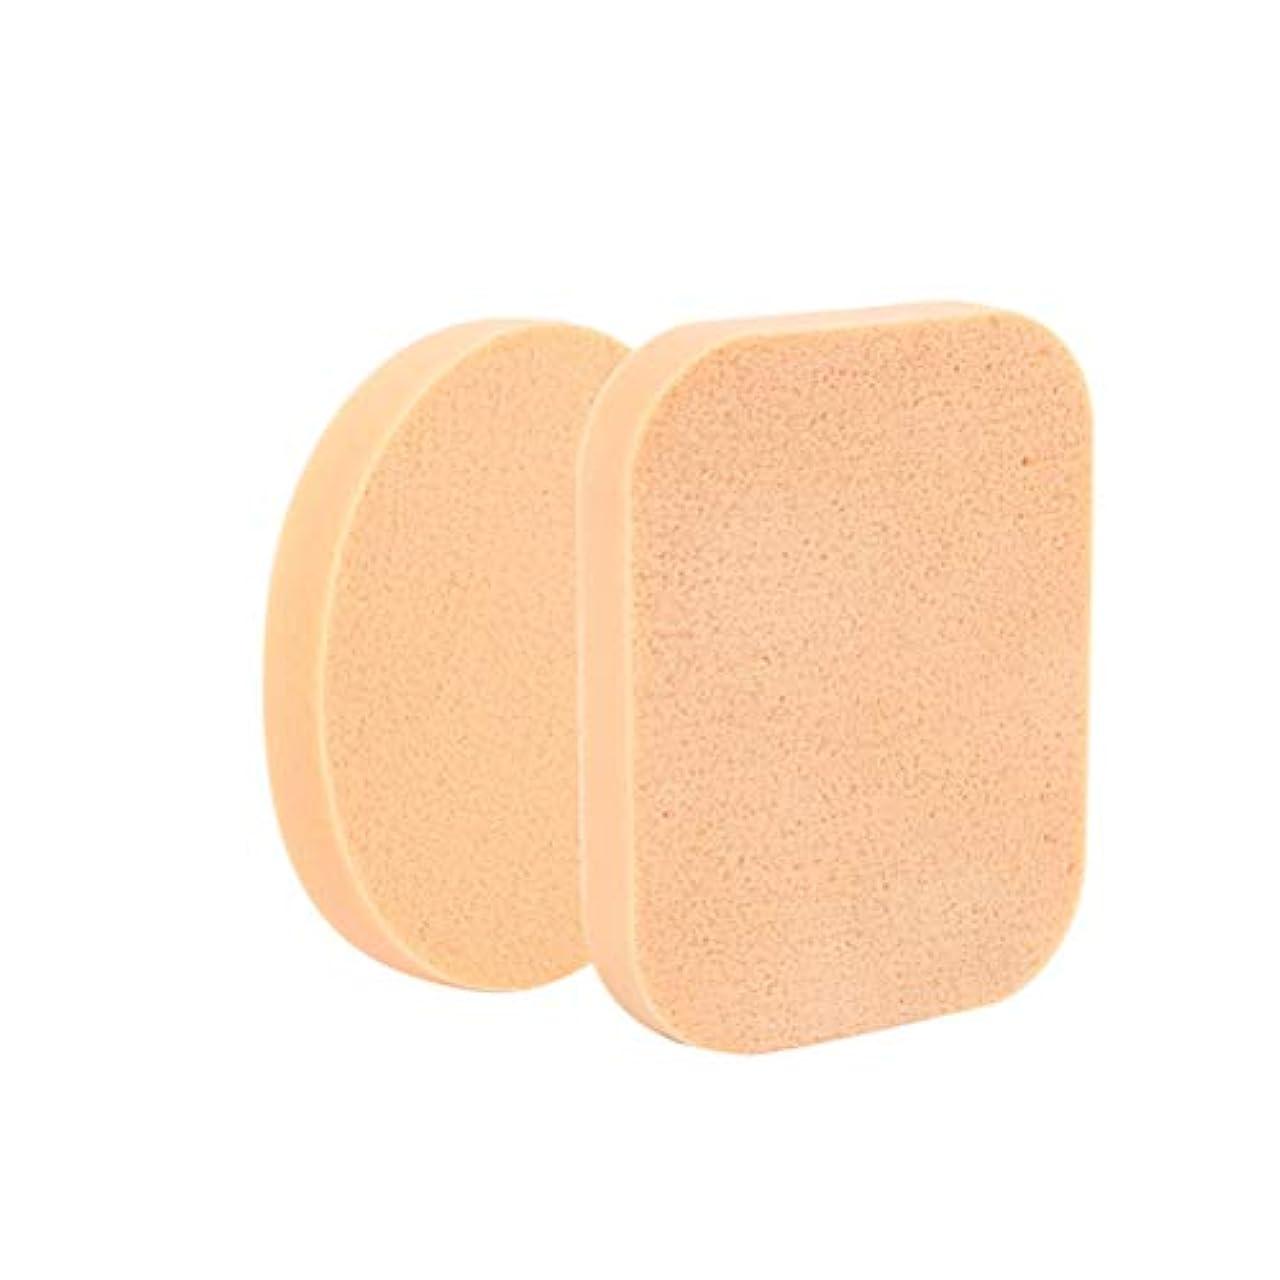 ケイ素細い親密なHEALIFTY 8ピース化粧品パフスポンジ洗顔スポンジフェイスケアクレンジングメイク落としツール